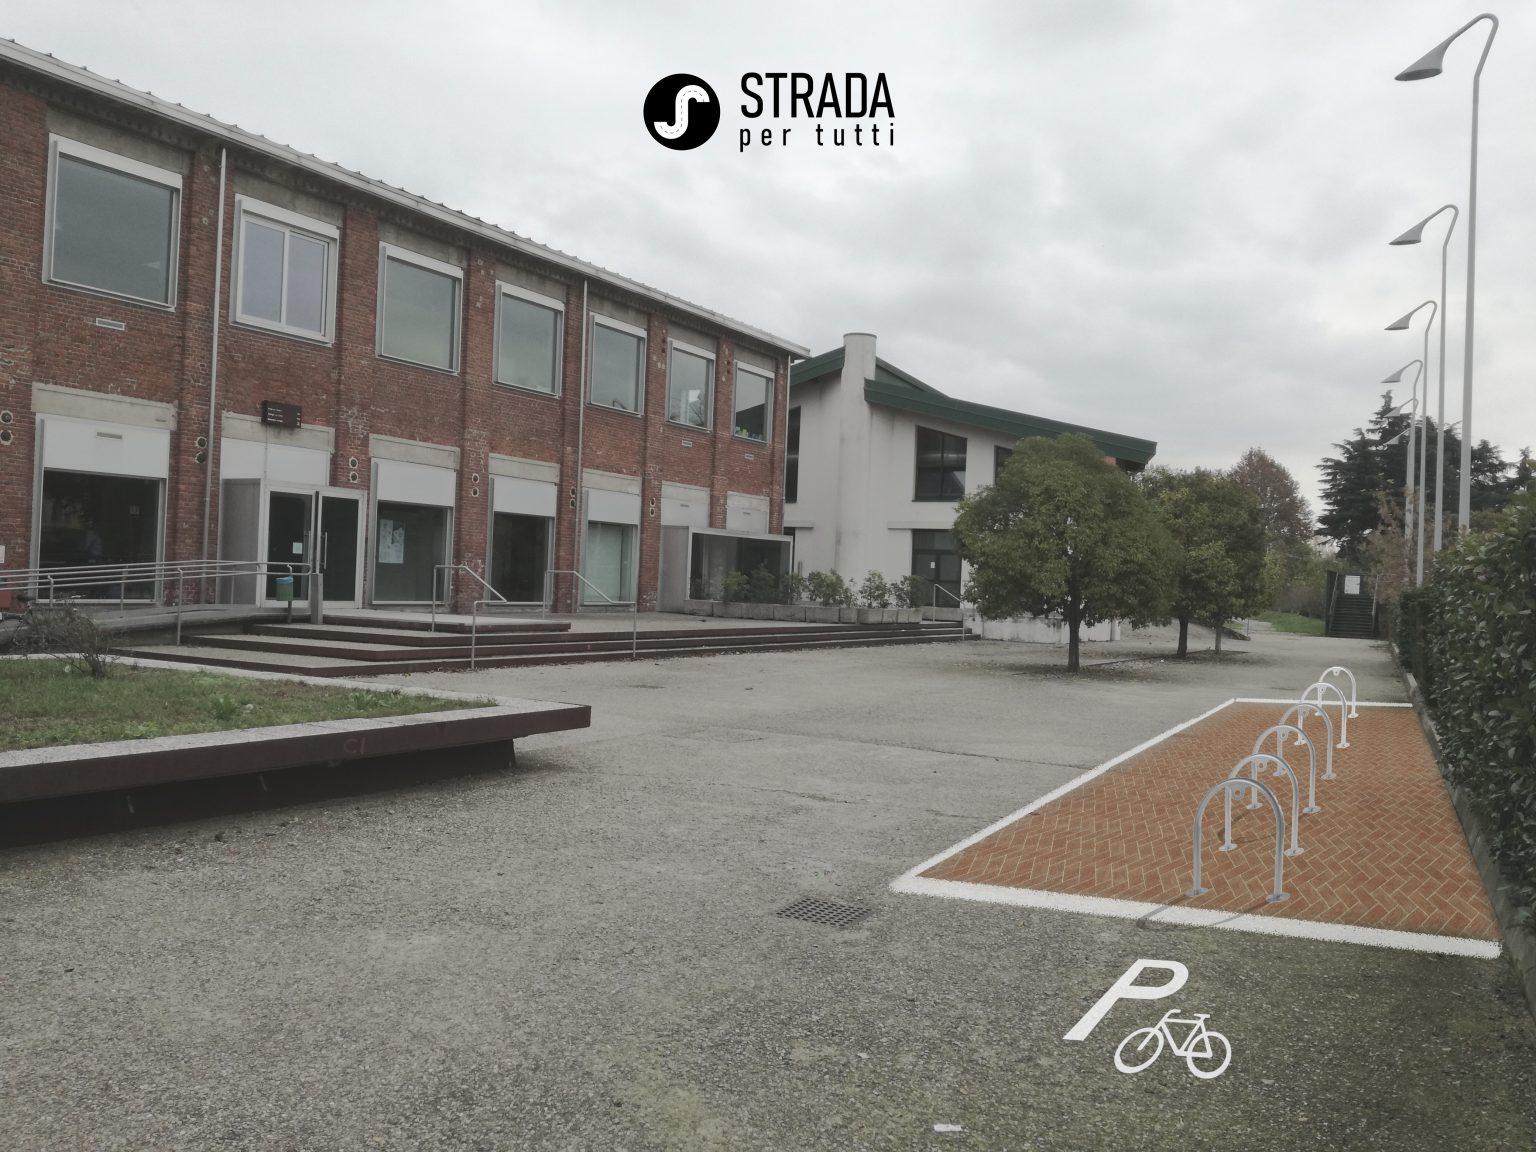 Parcheggio Biciclette (3/5)